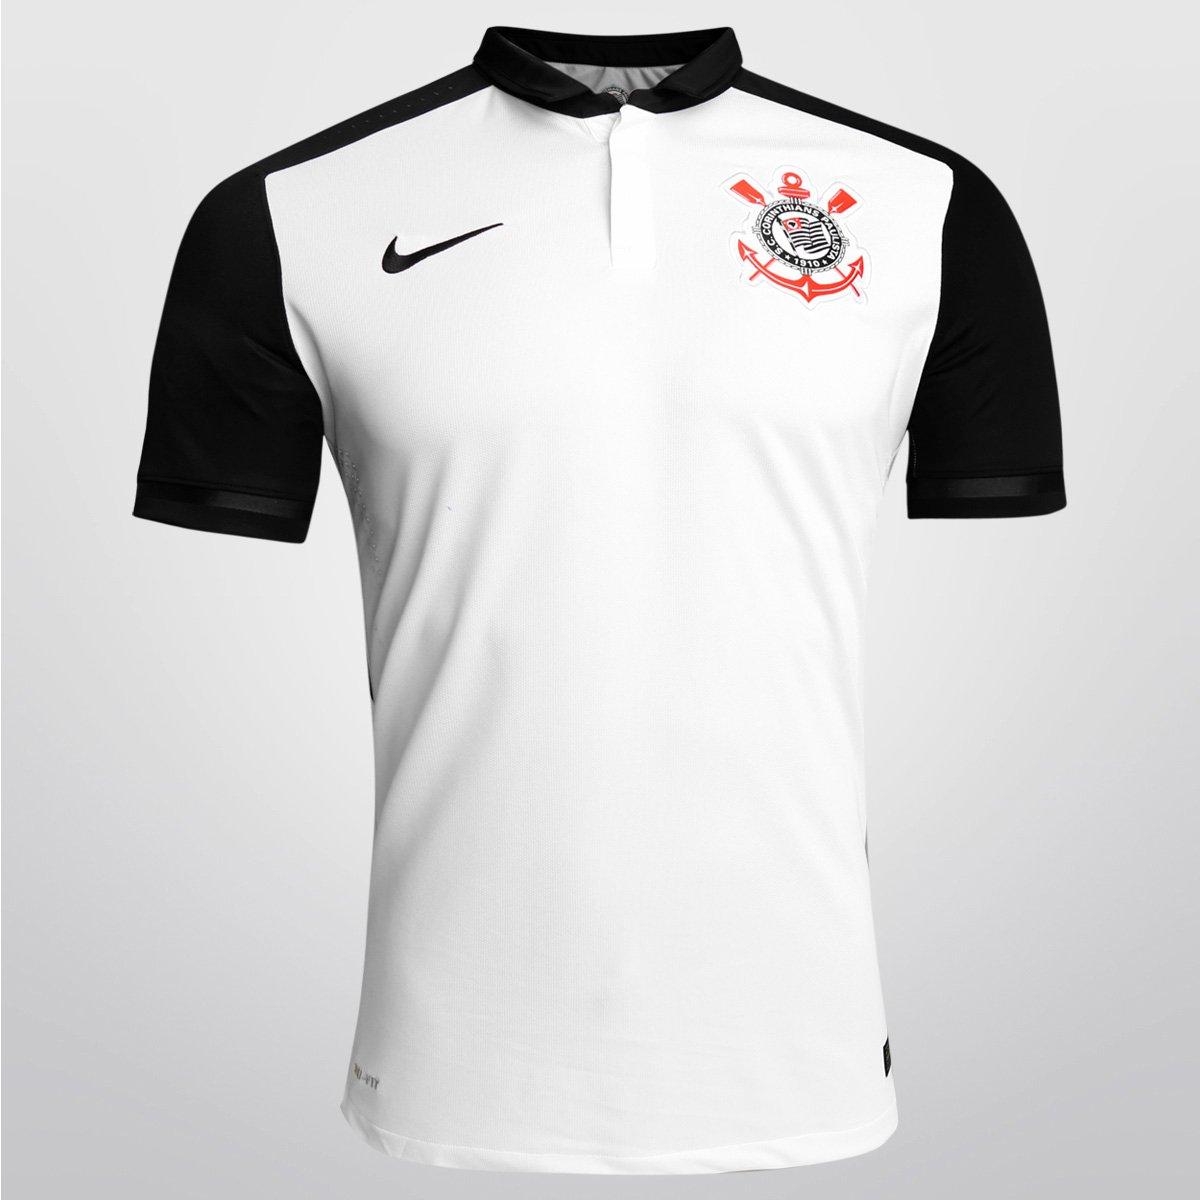 Camisa Nike Corinthians I 15 16 s nº - Jogador - Compre Agora  cf749c3e41d75